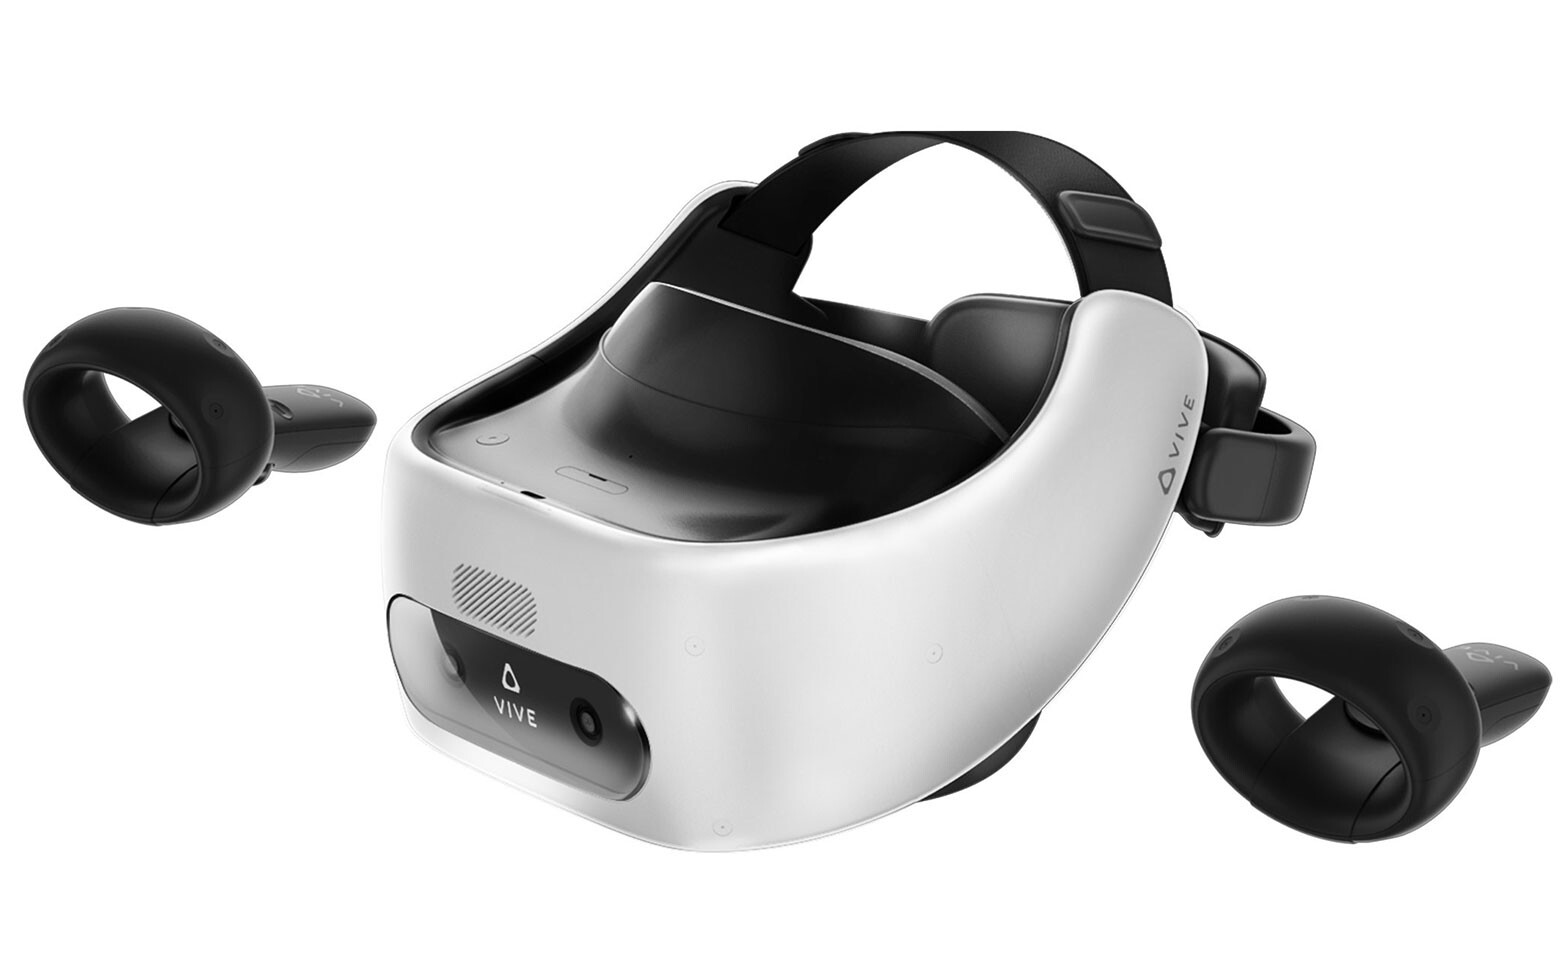 VIVE Focus Plus obtiene importantes mejoras para la realidad virtual empresarial premium